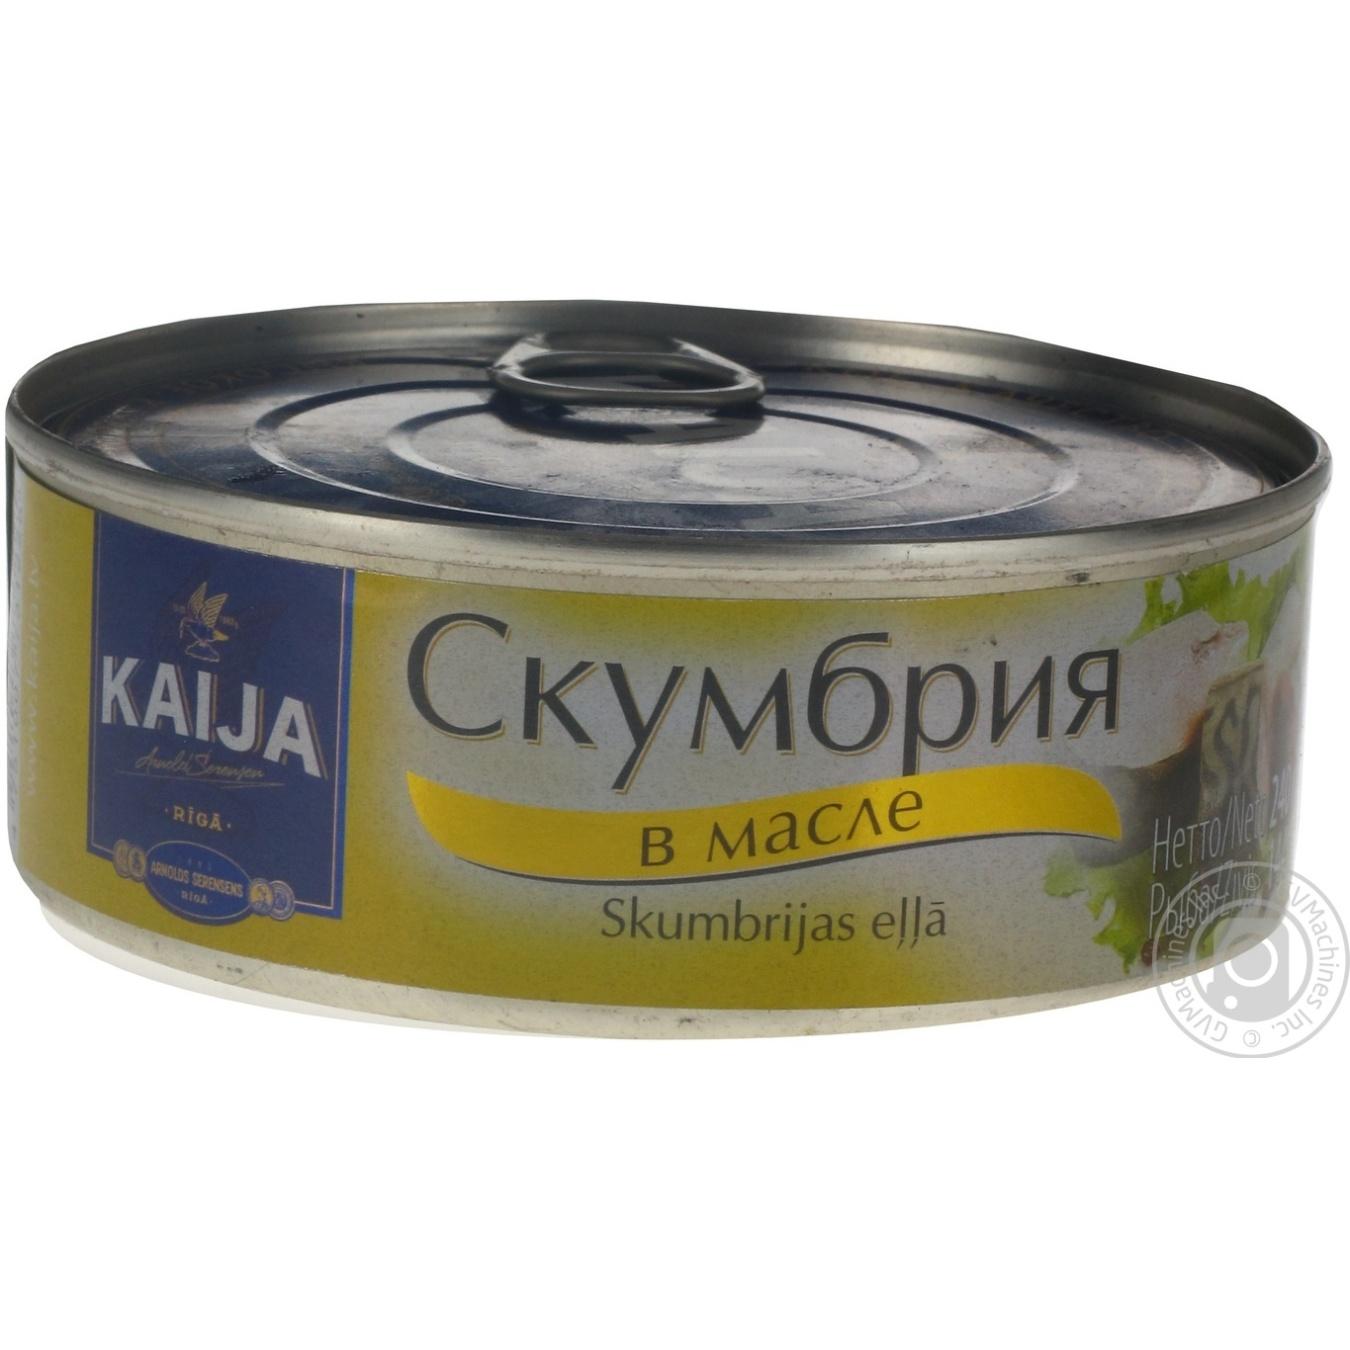 Скумбрия Кайджа атлантическая в масле 240г